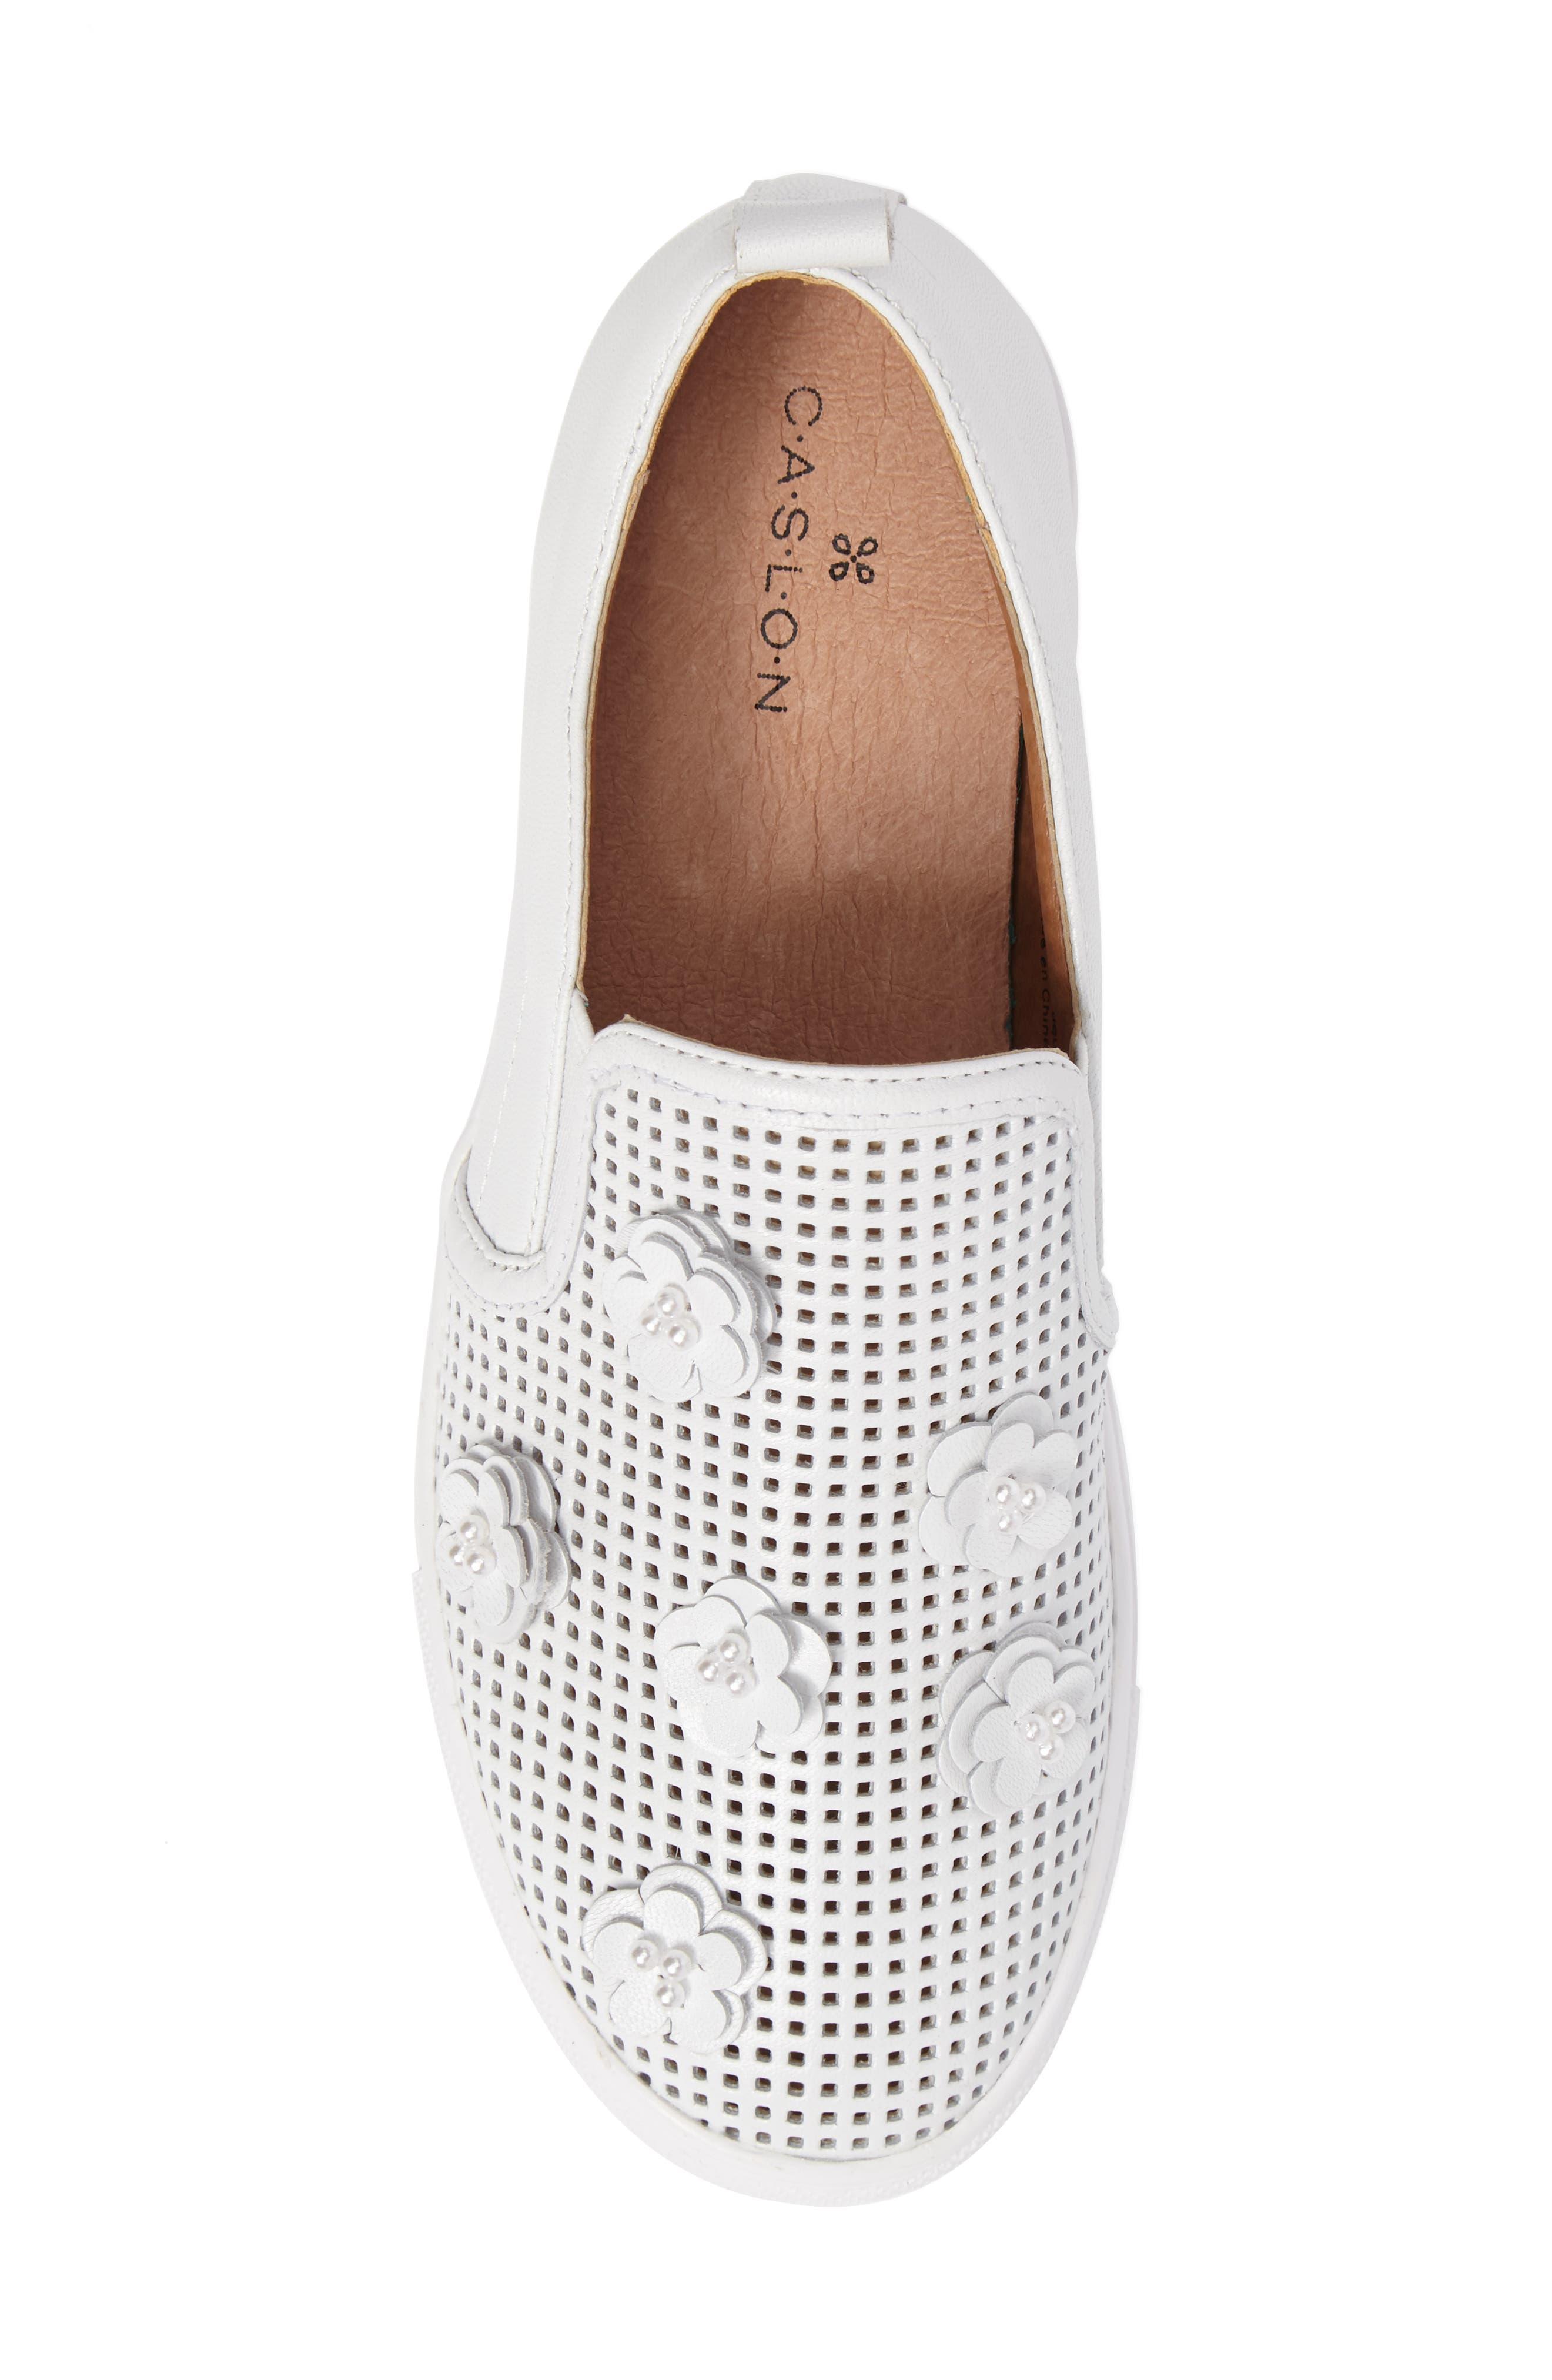 Eden Perforated Slip-On Sneaker,                             Alternate thumbnail 5, color,                             100